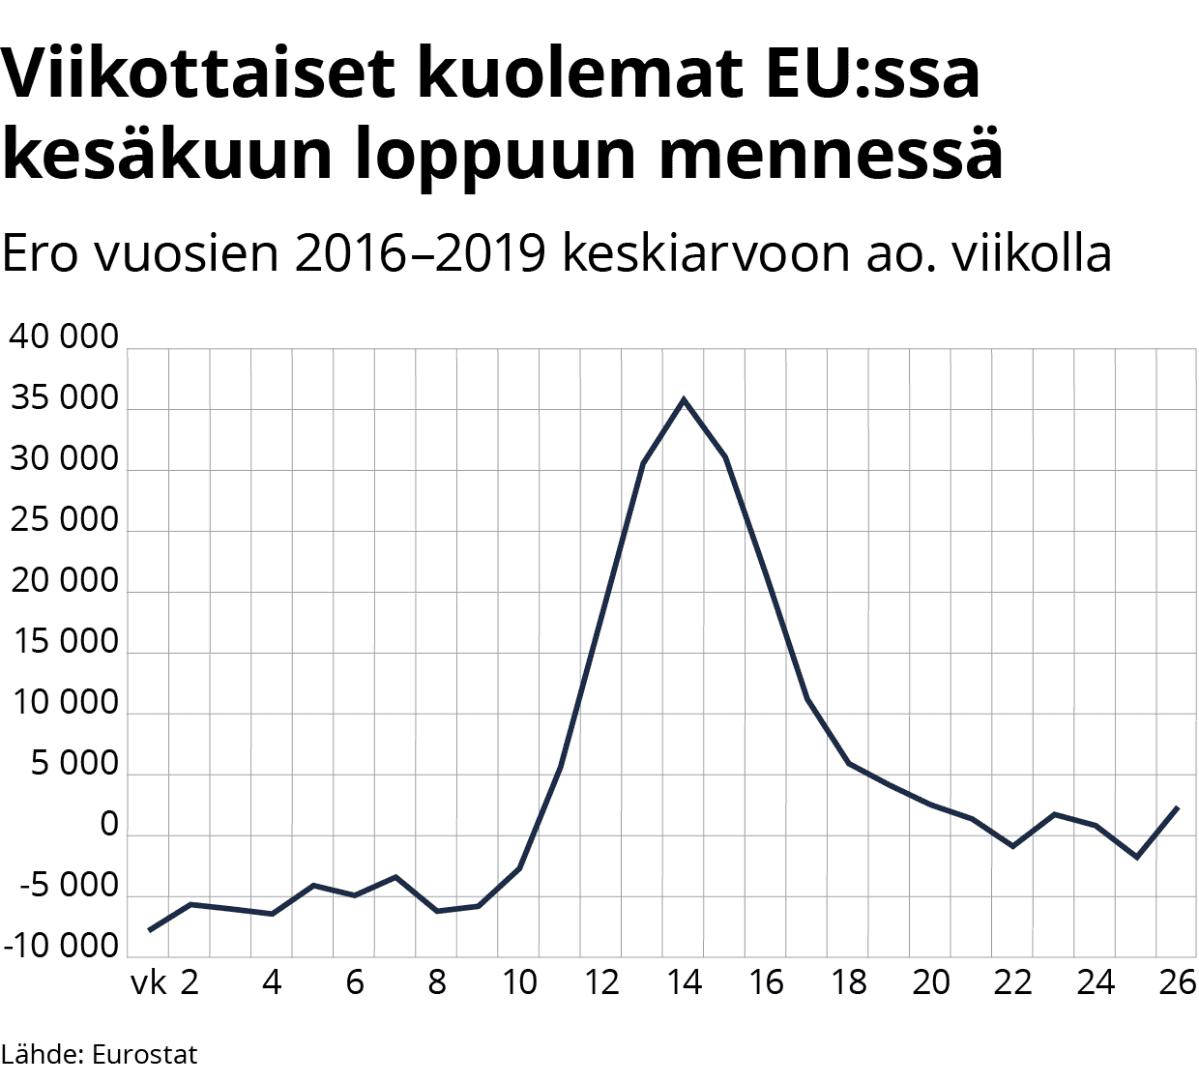 Tilastografiikka EU:n kuolemantapauksista viikoittain.